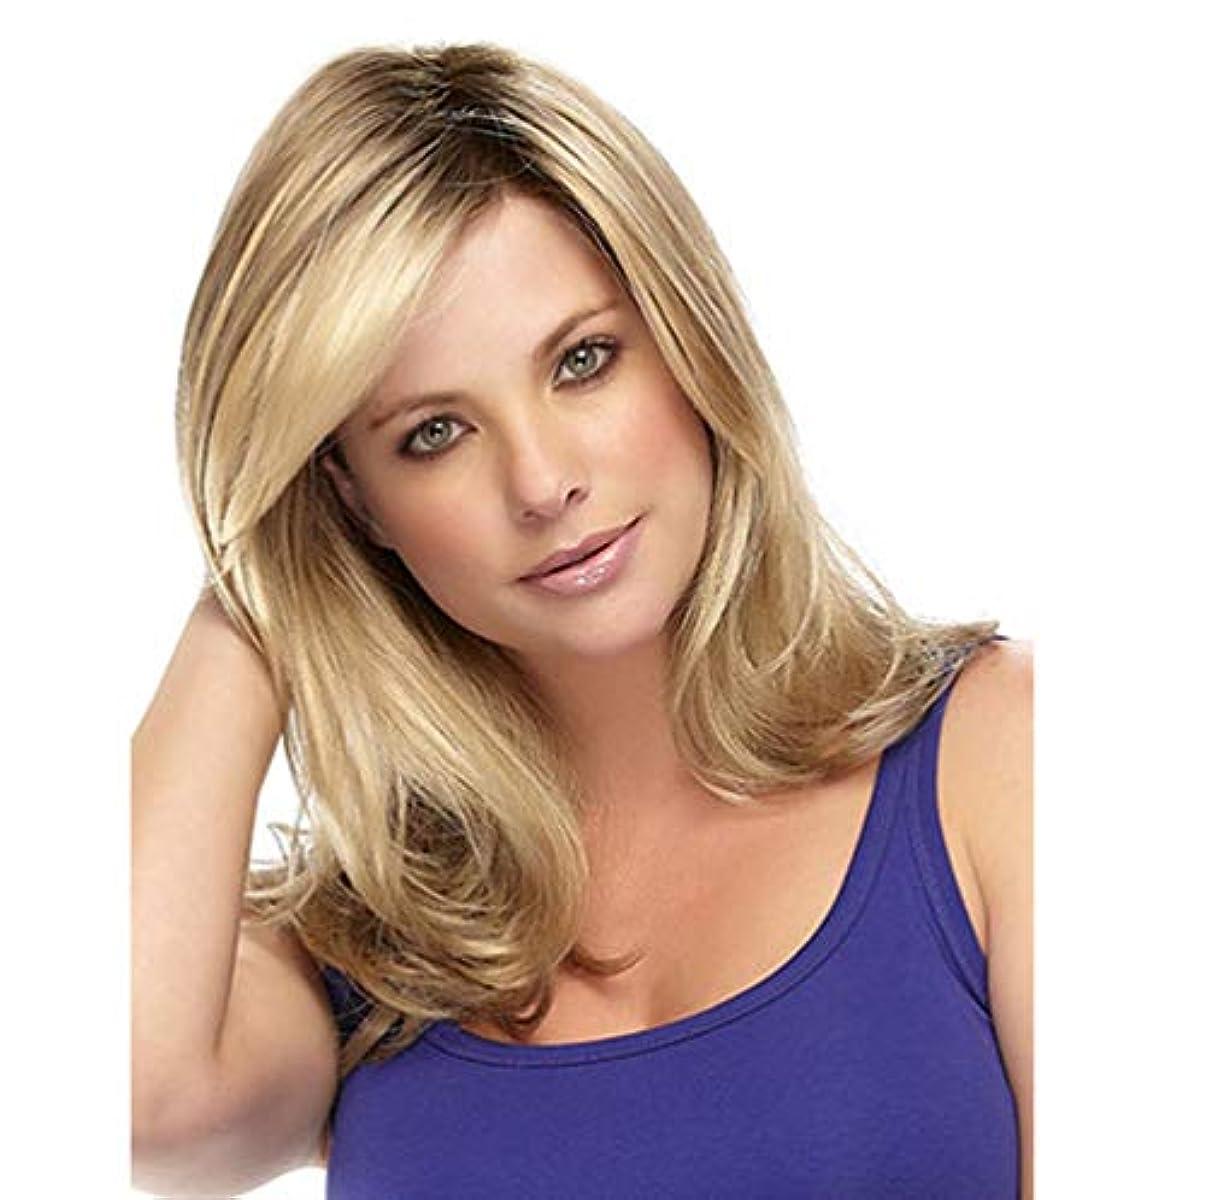 懐疑的資産インタビュー女性ショートボブウェーブウィッグ150%密度高密度オンブル合成かつら漂白結び目耐熱繊維人間の髪の金20インチ